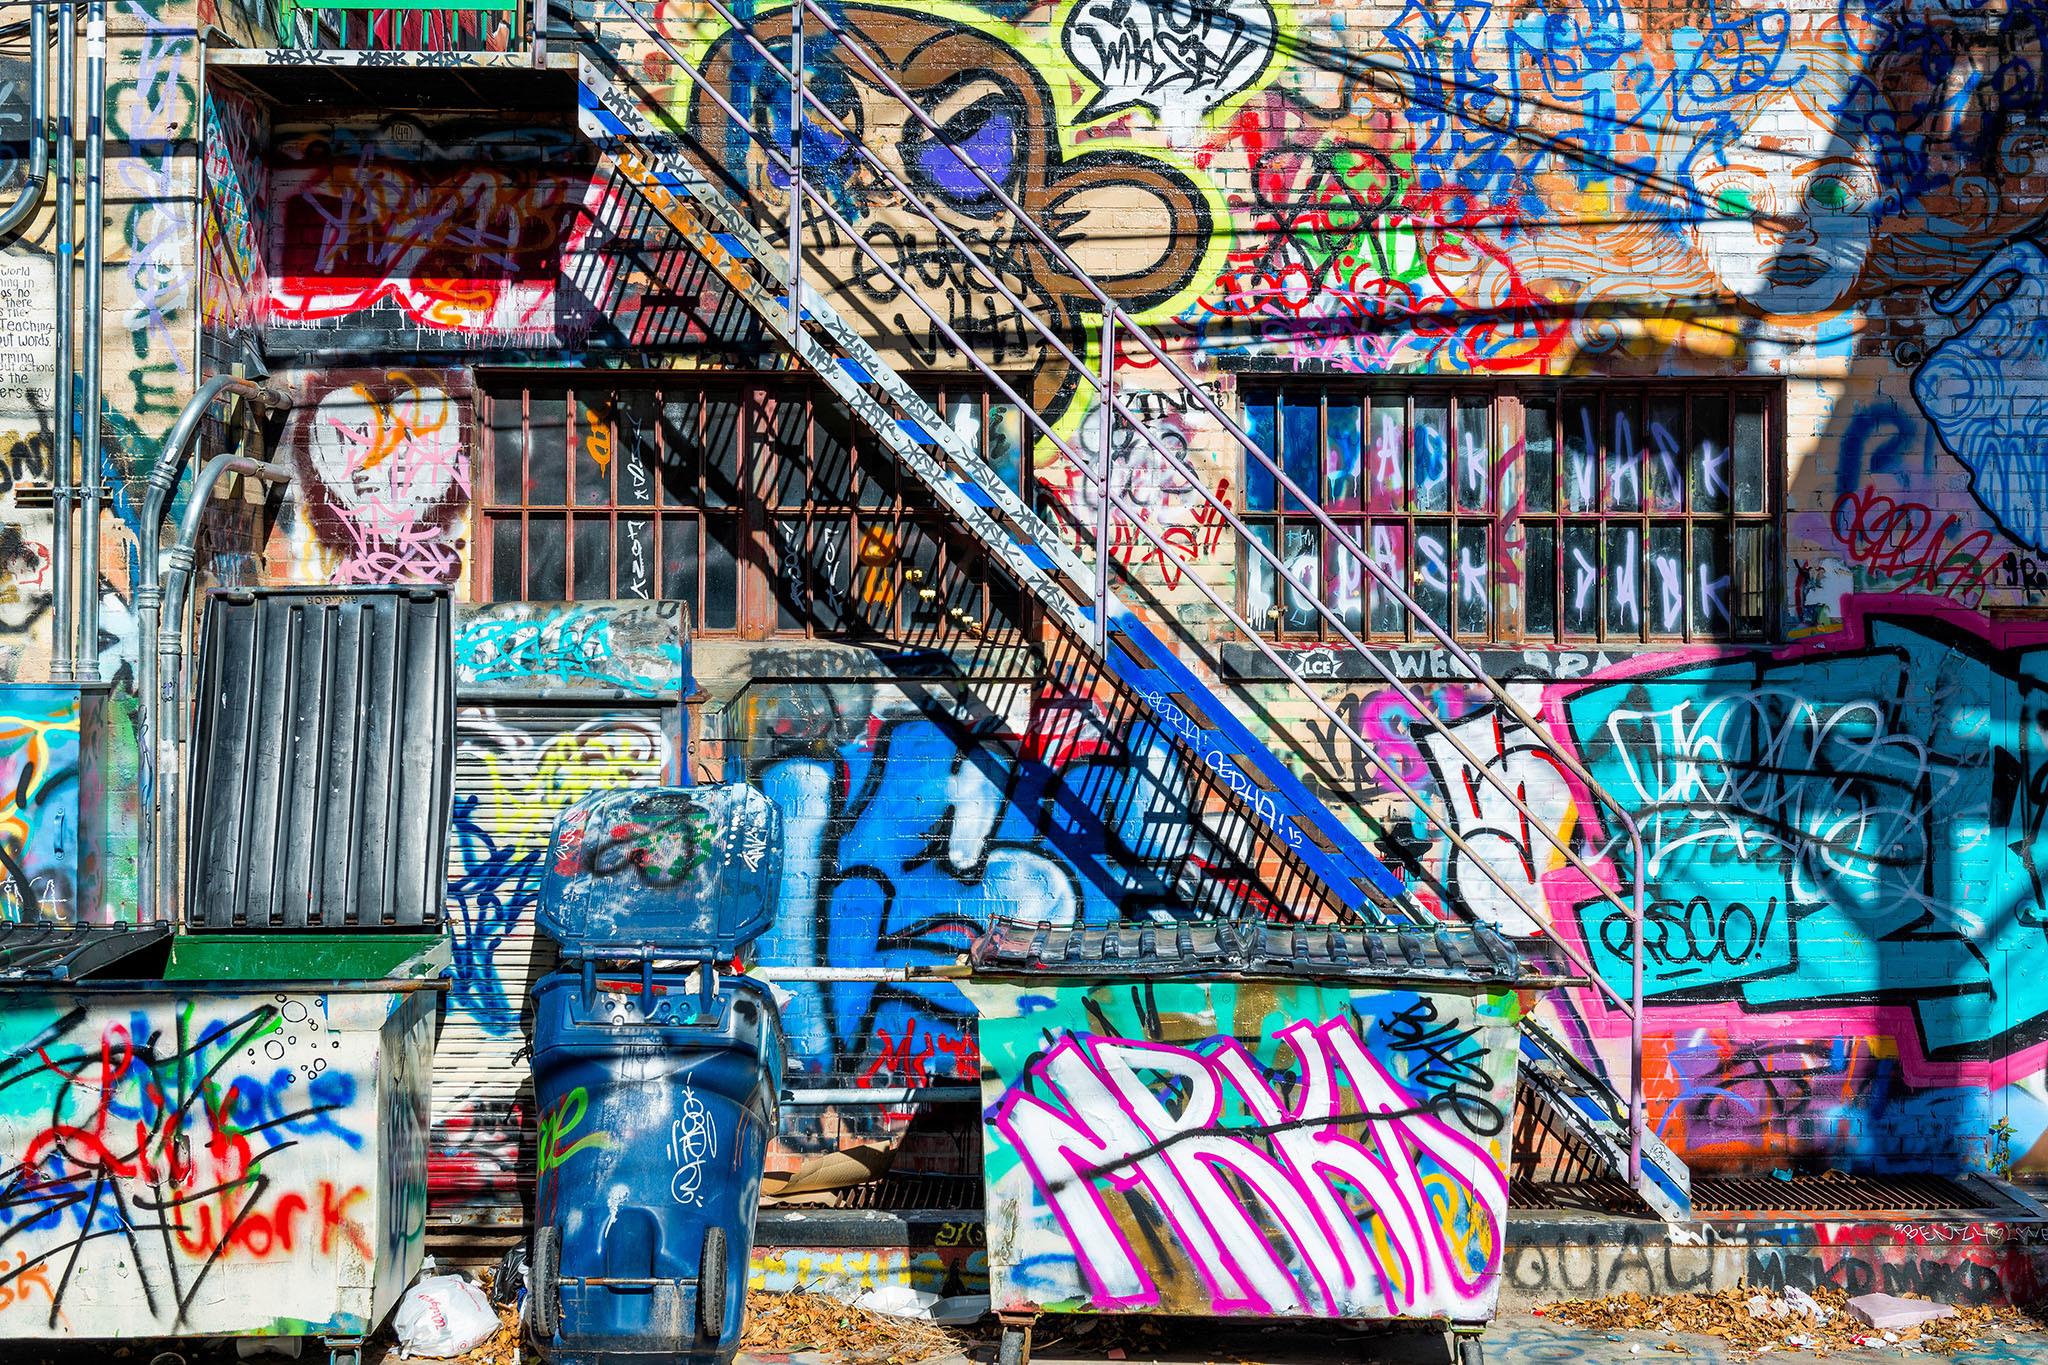 Art Alley, eitw